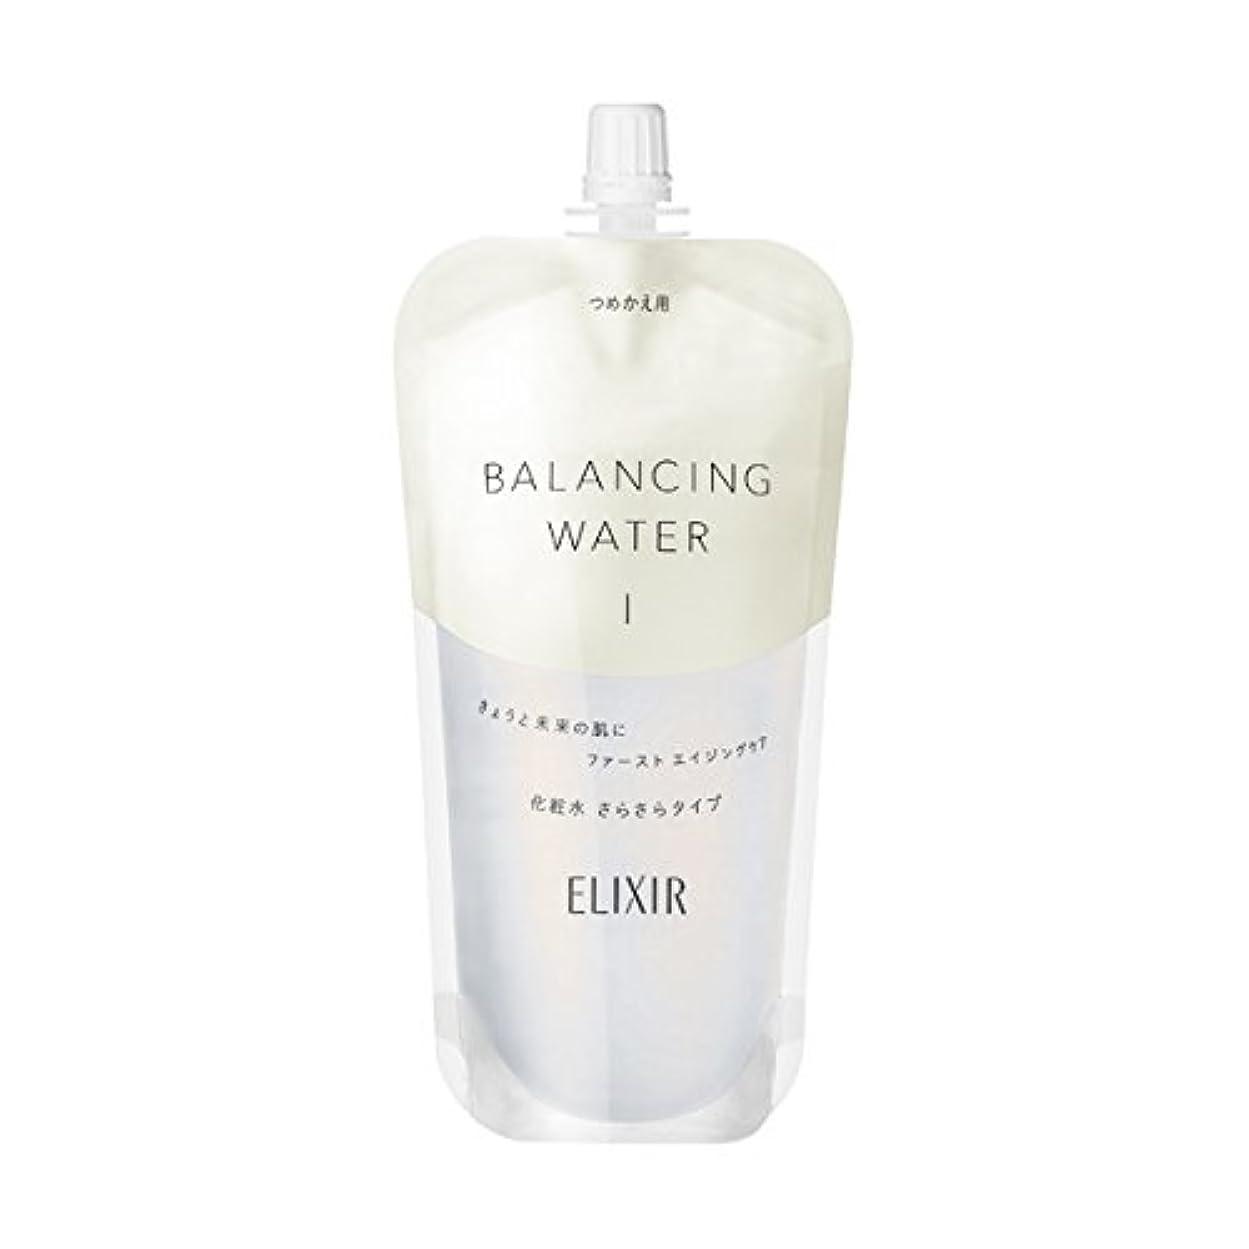 大きいブランド収入エリクシール ルフレ バランシング ウォーター 化粧水 1 (さらさらタイプ) (つめかえ用) 150mL